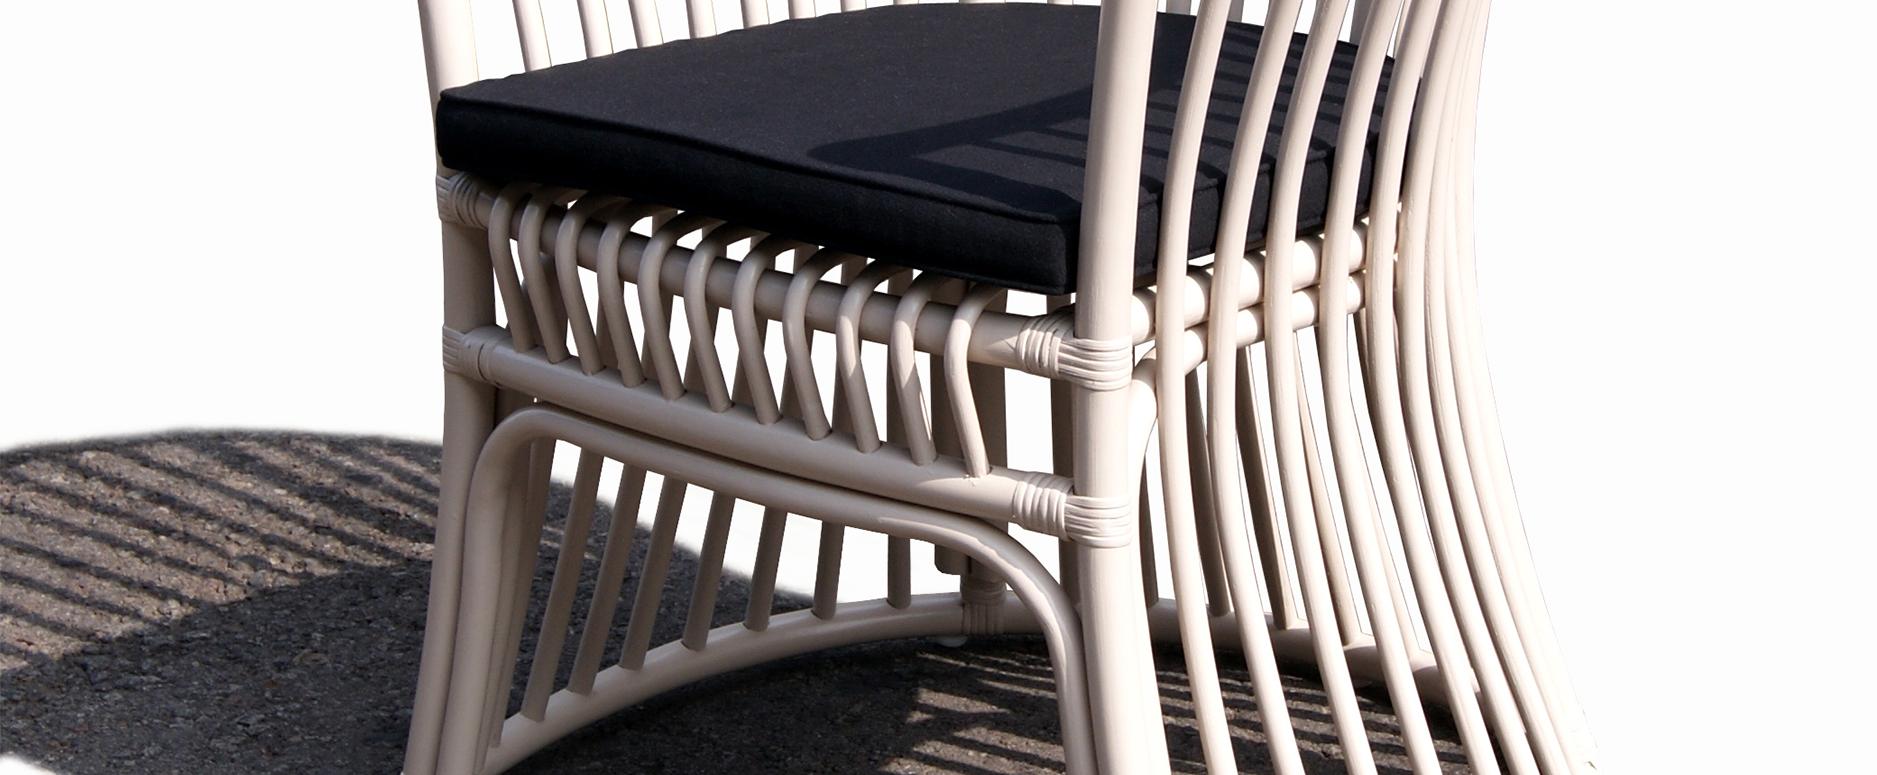 B14-R 1702 Arm chair SLIDE 2